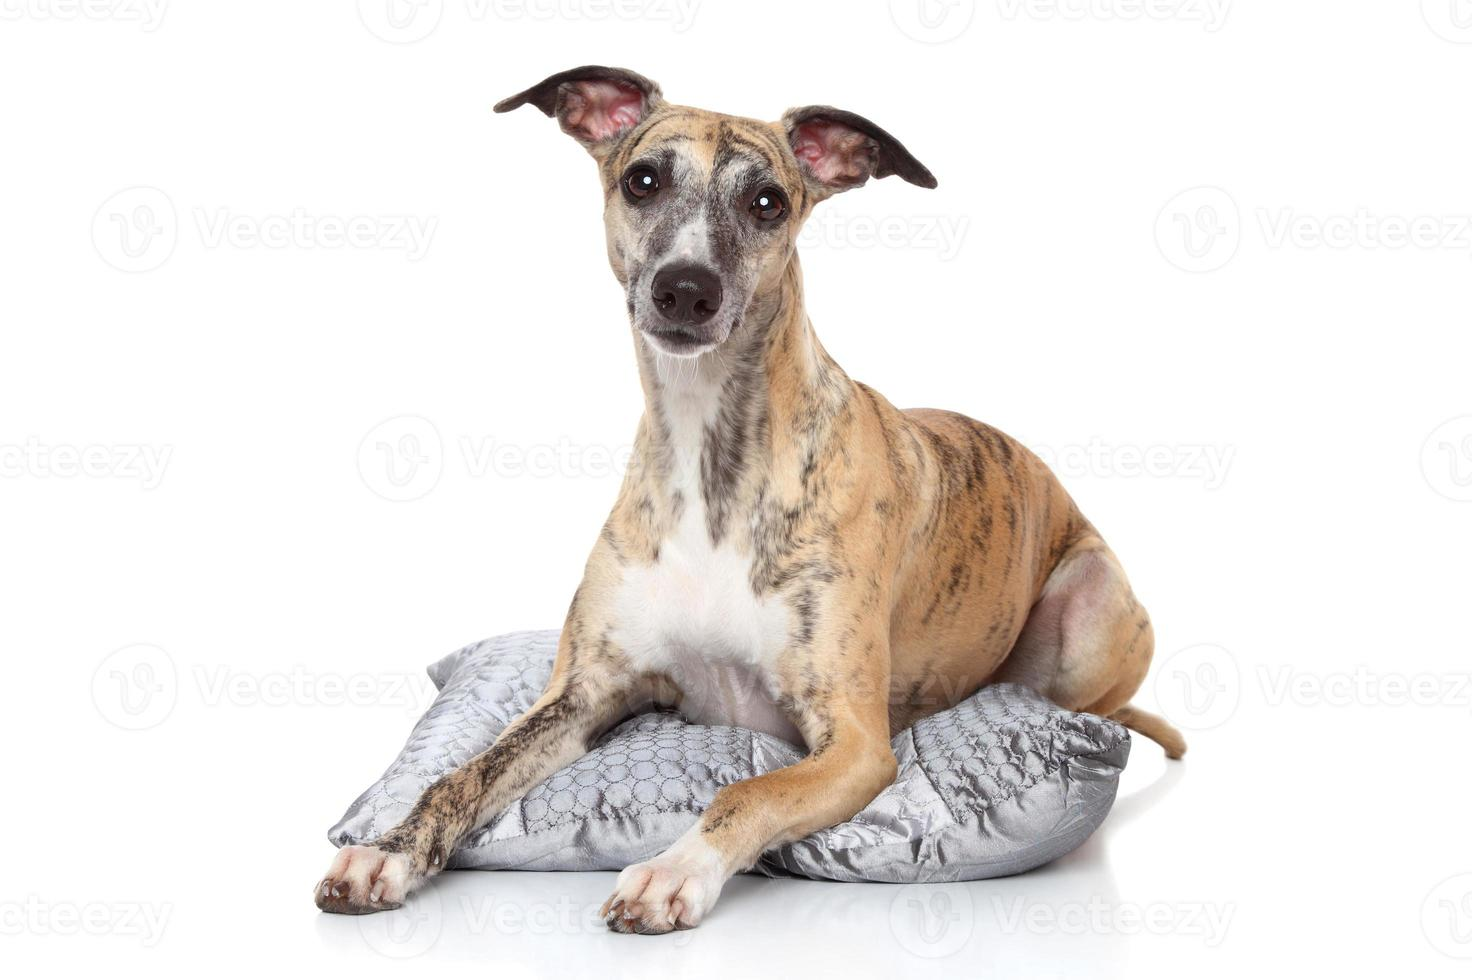 chien whippet allongé sur l'oreiller photo